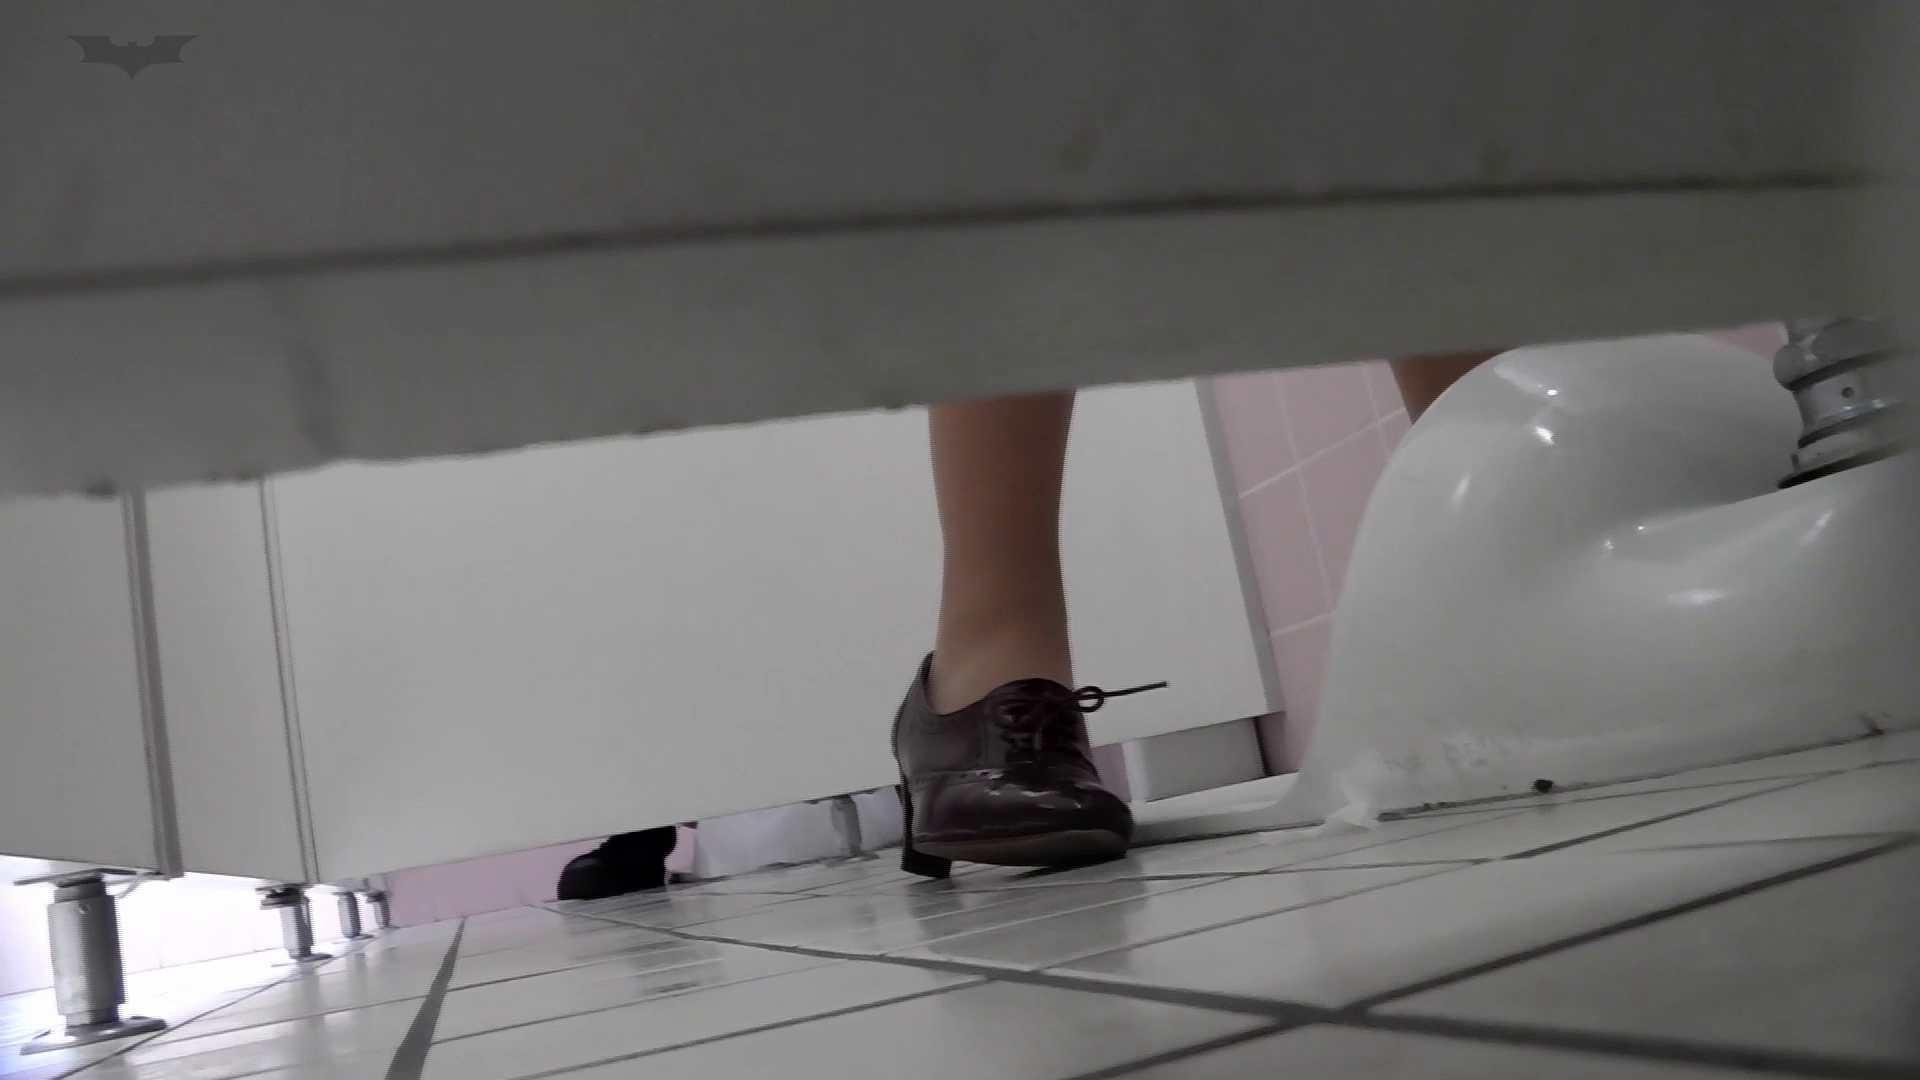 美しい日本の未来 No.25 「22」に登場した子がまさかの大で再登場!! 洗面所 | 丸見えマンコ  35画像 29